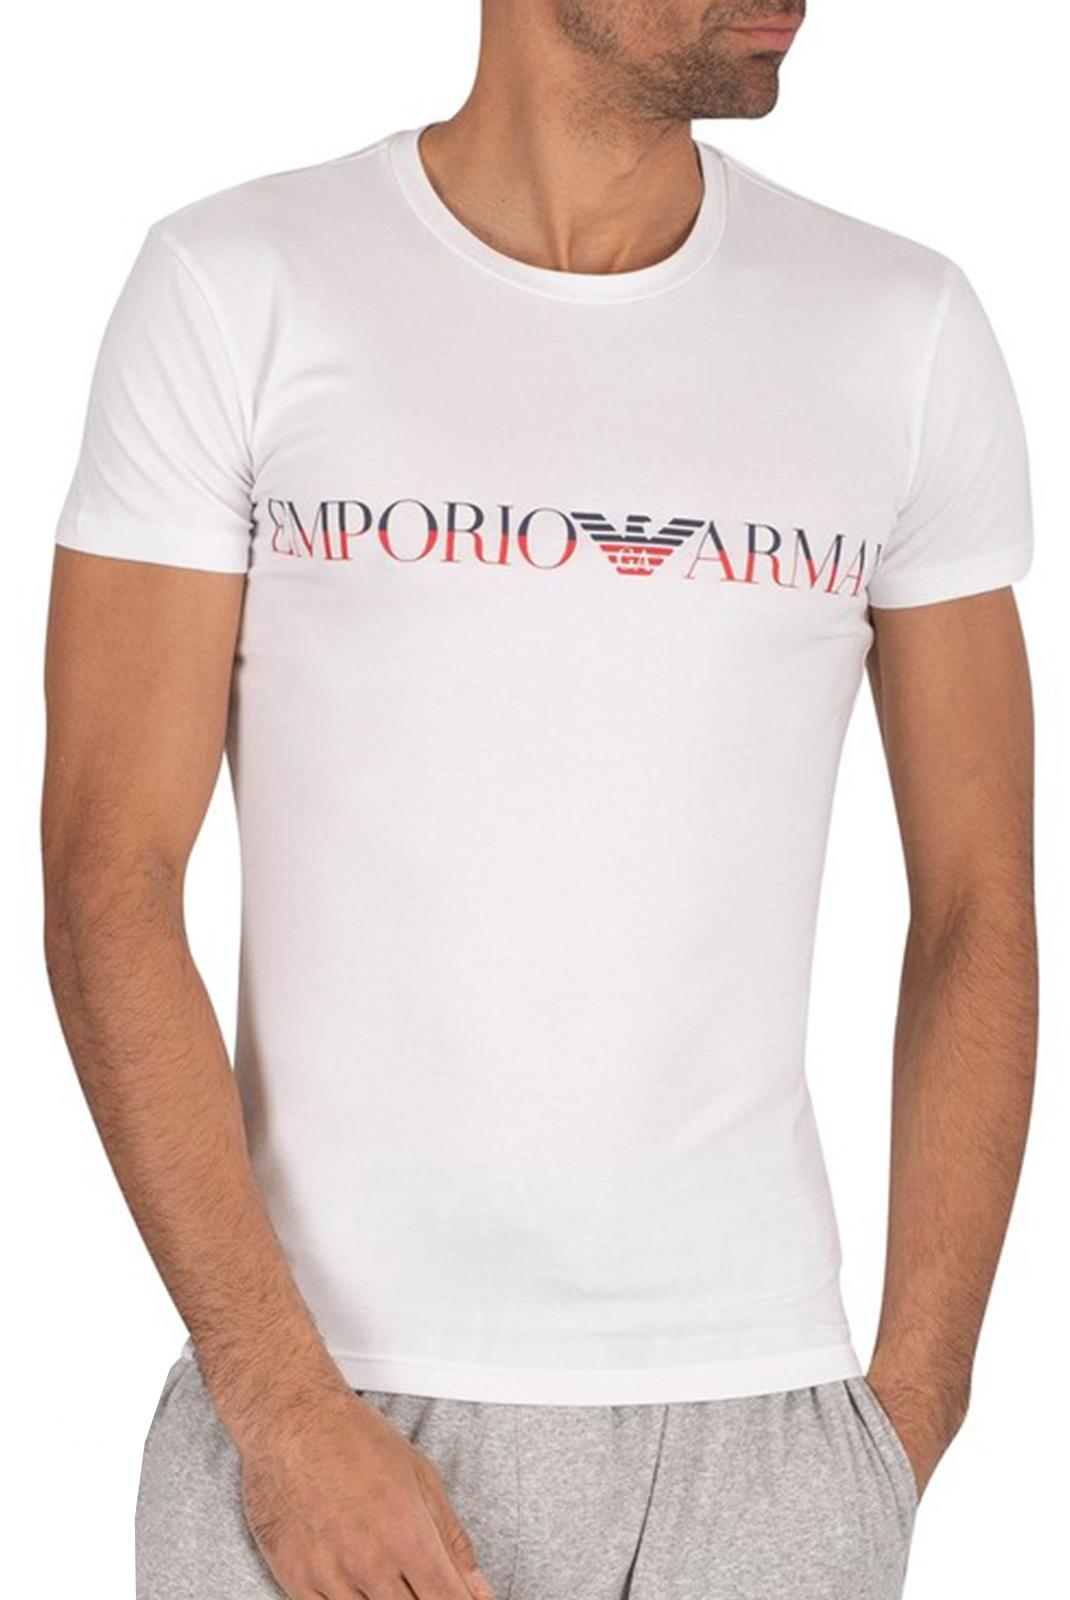 T-S manches courtes  Emporio armani 111035 0P516 00010 BIANCO